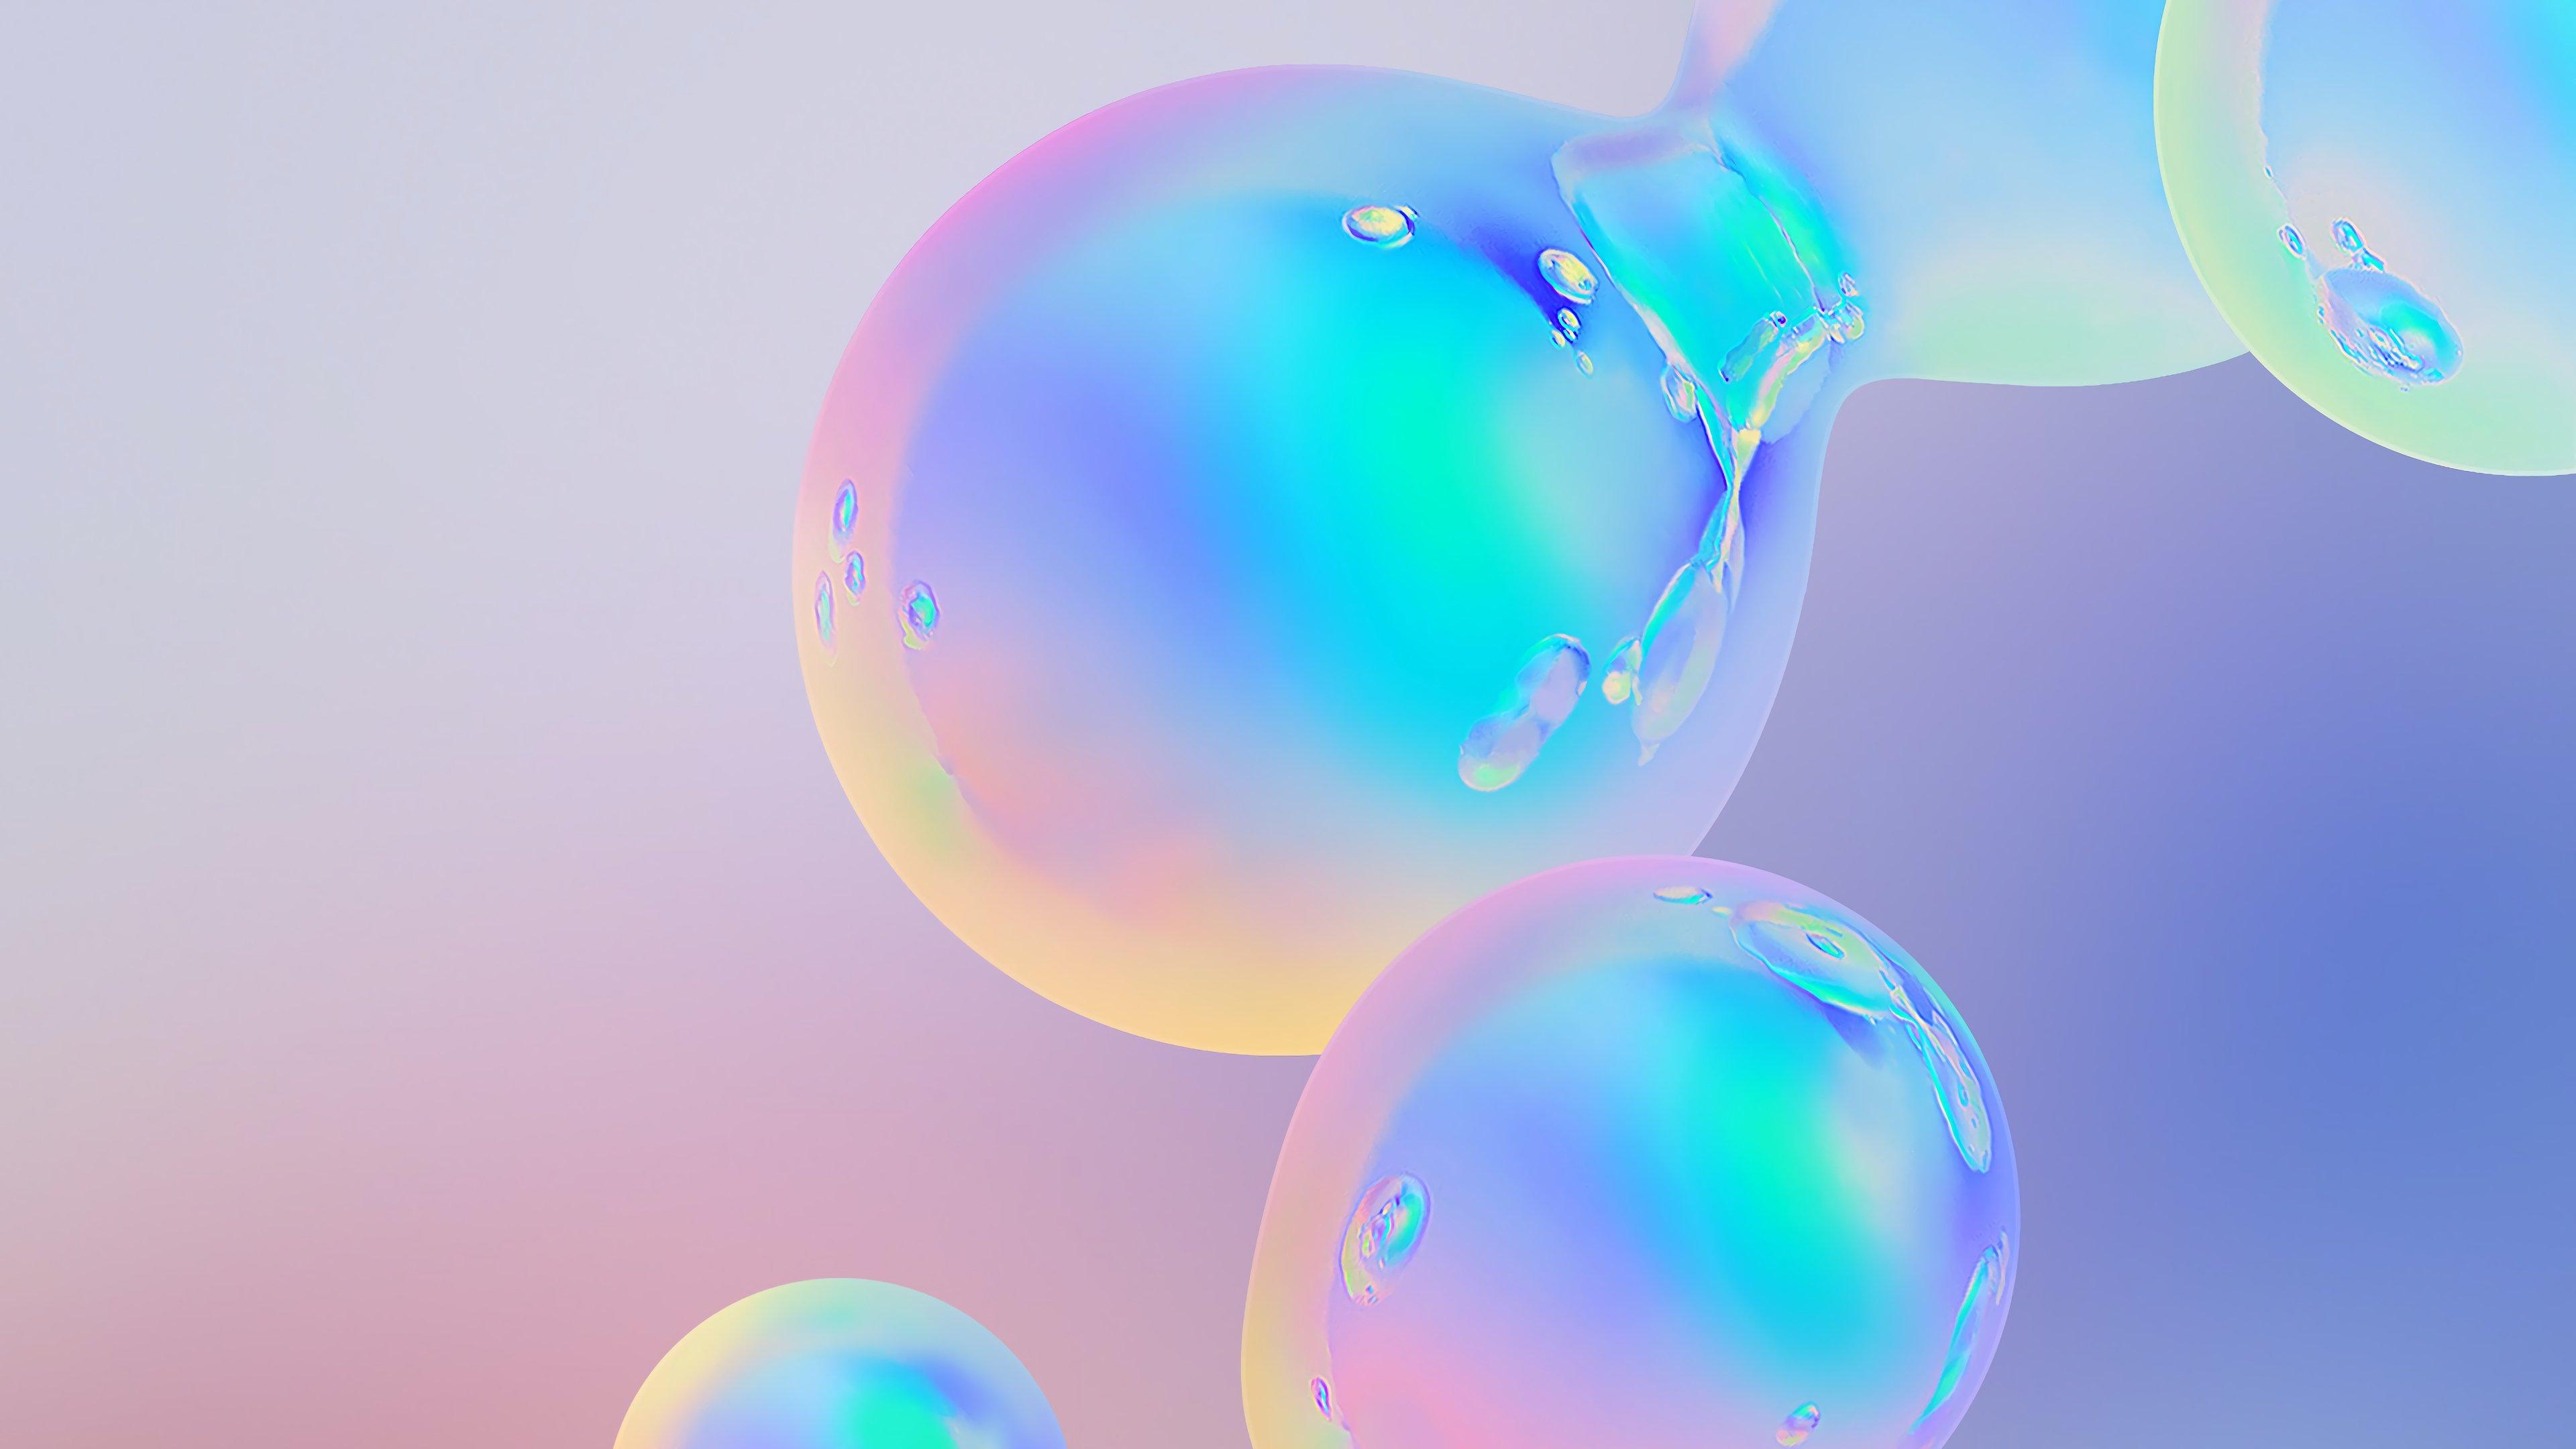 Fondos de pantalla Burbujas abstractas de holograma